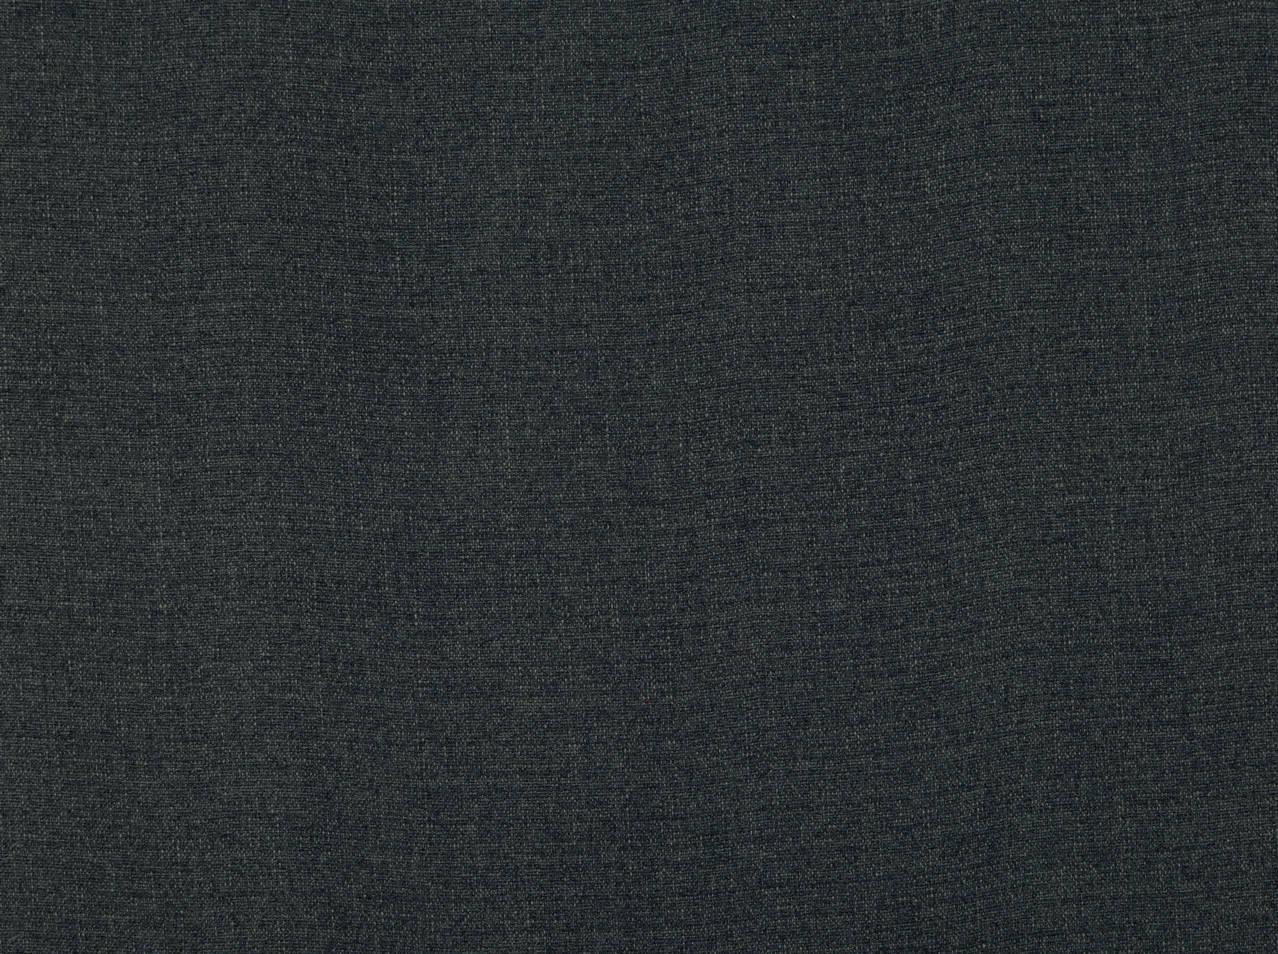 Hp rye 948 Charcoal